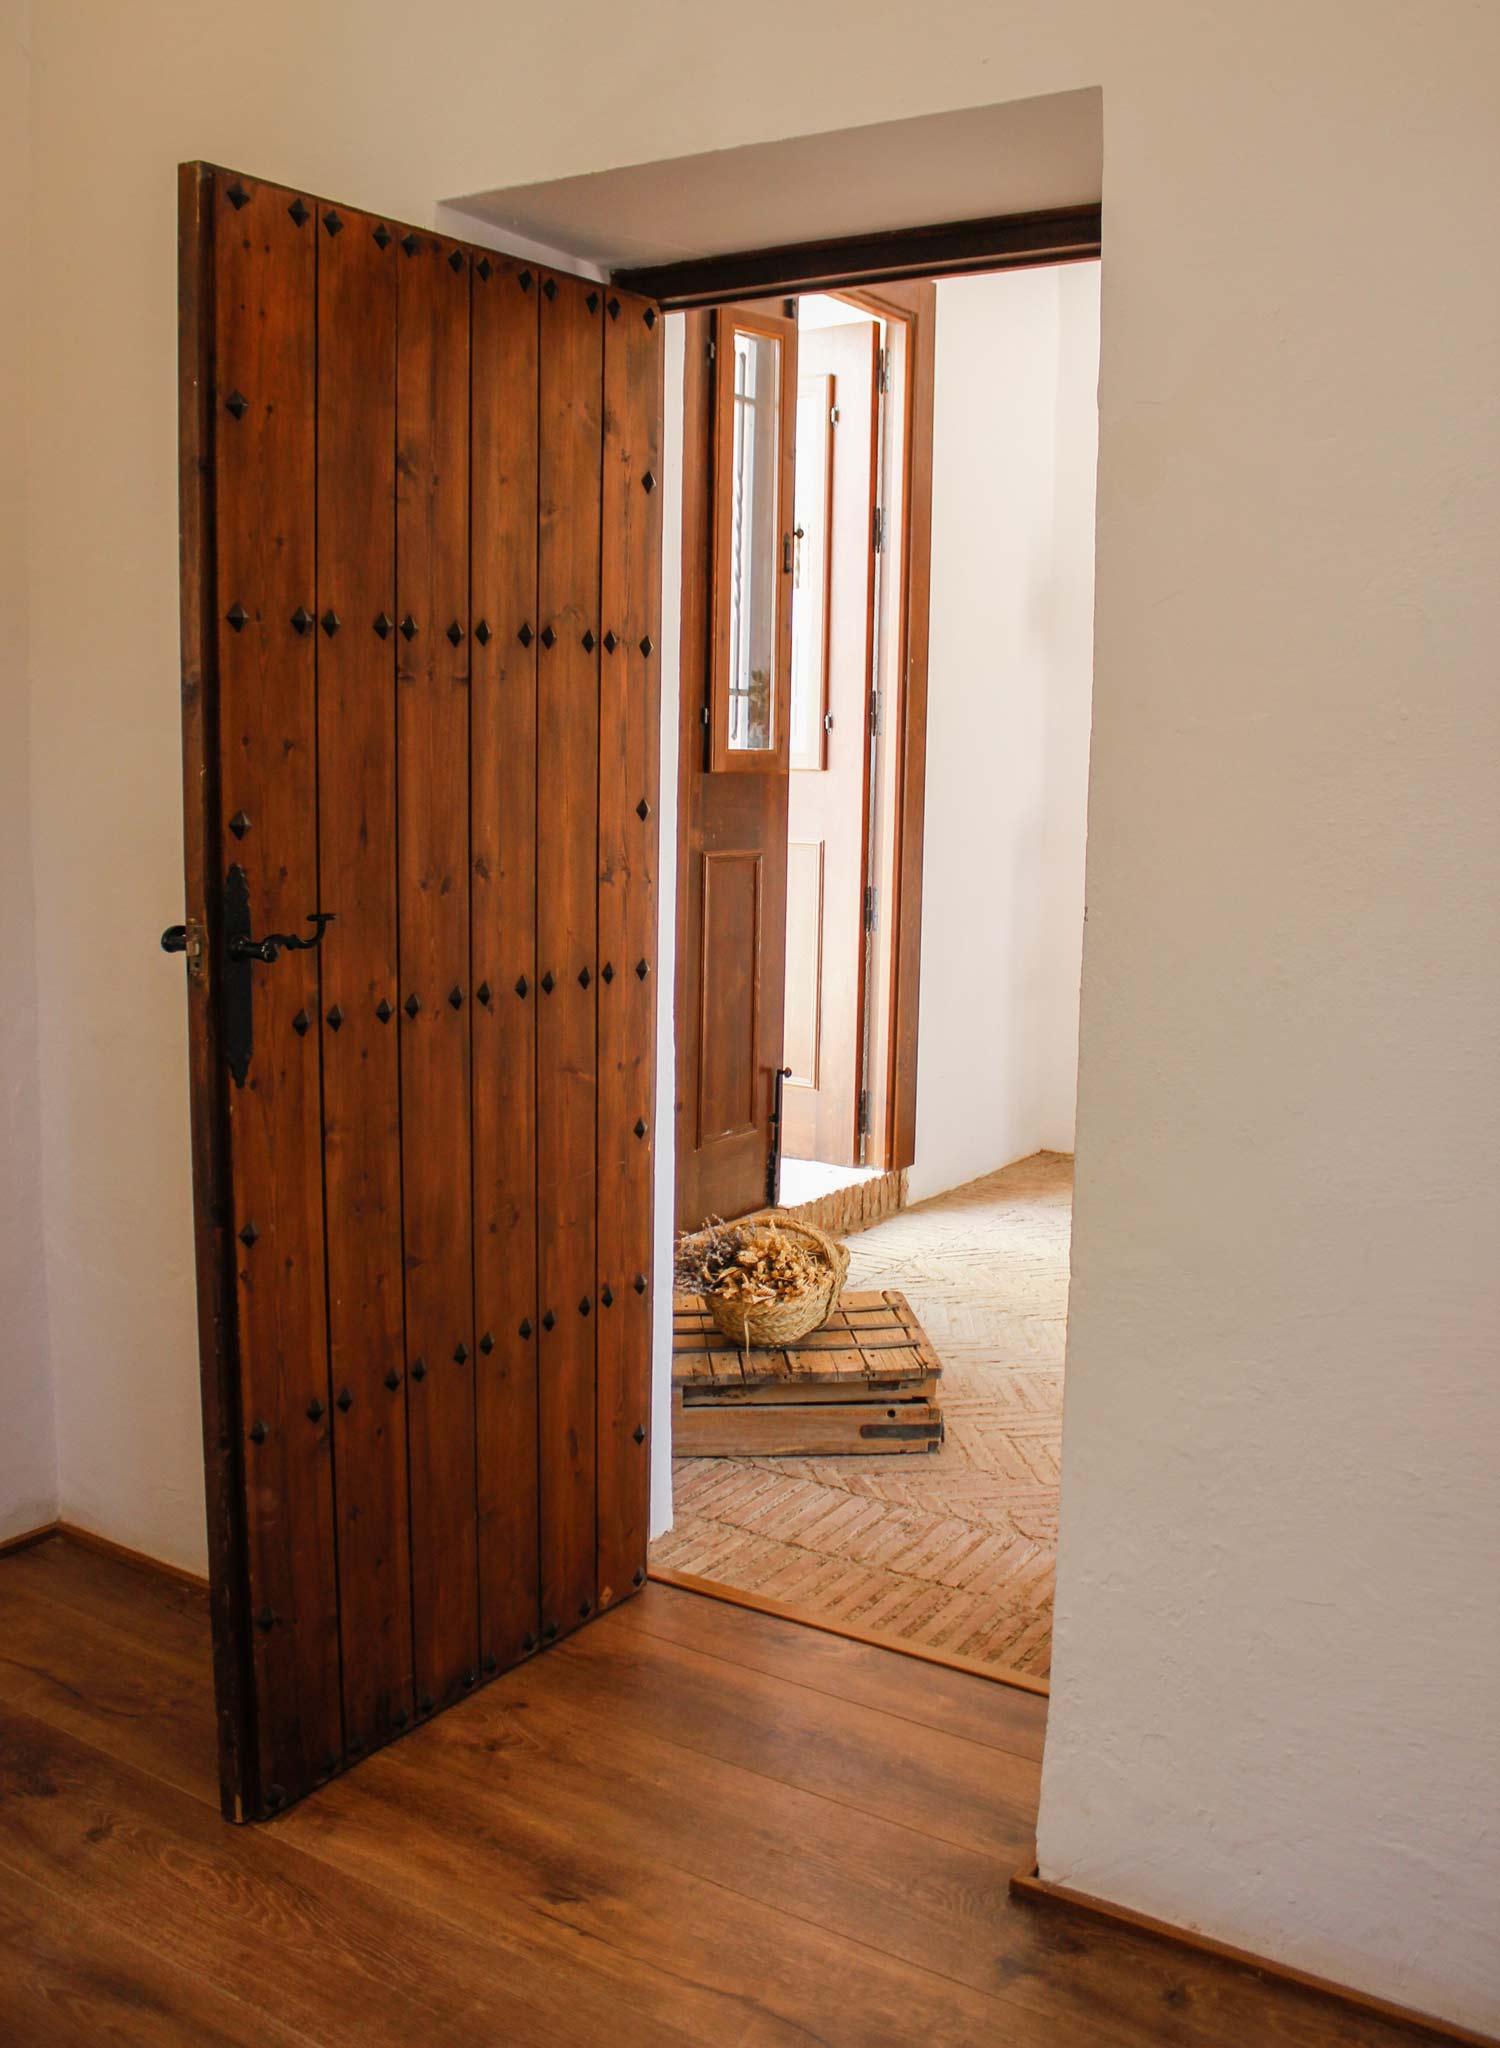 Puerta de madera con clavos